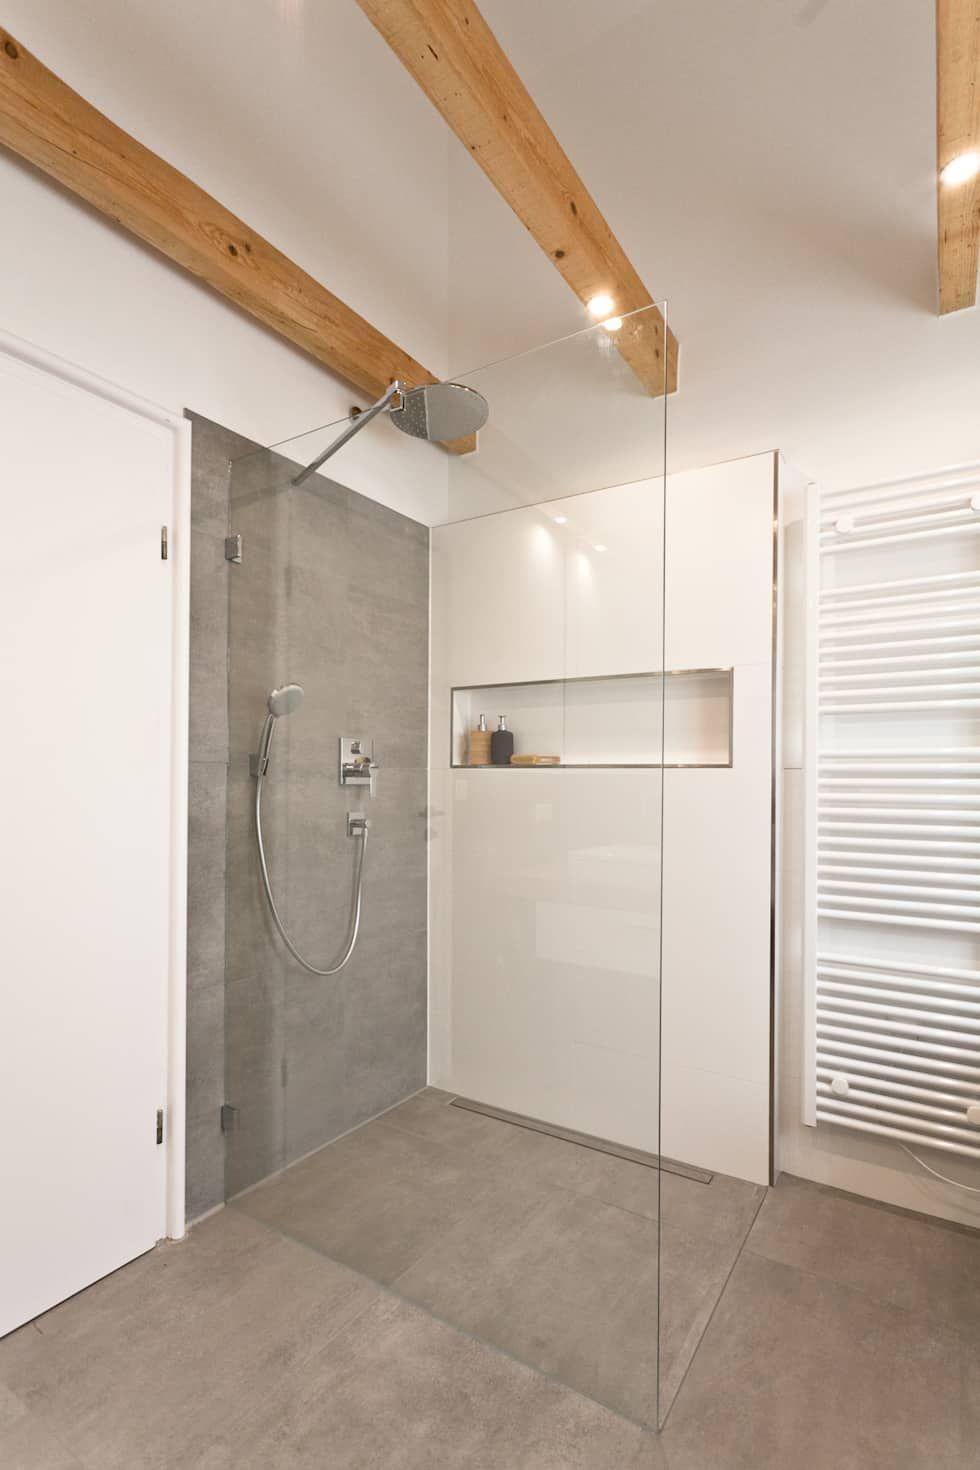 Full Size of Bodengleiche Dusche In Betonoptik Rustikale Badezimmer Von Banovo Glastrennwand Bluetooth Lautsprecher Einhebelmischer Schulte Duschen Antirutschmatte Dusche Bodengleiche Dusche